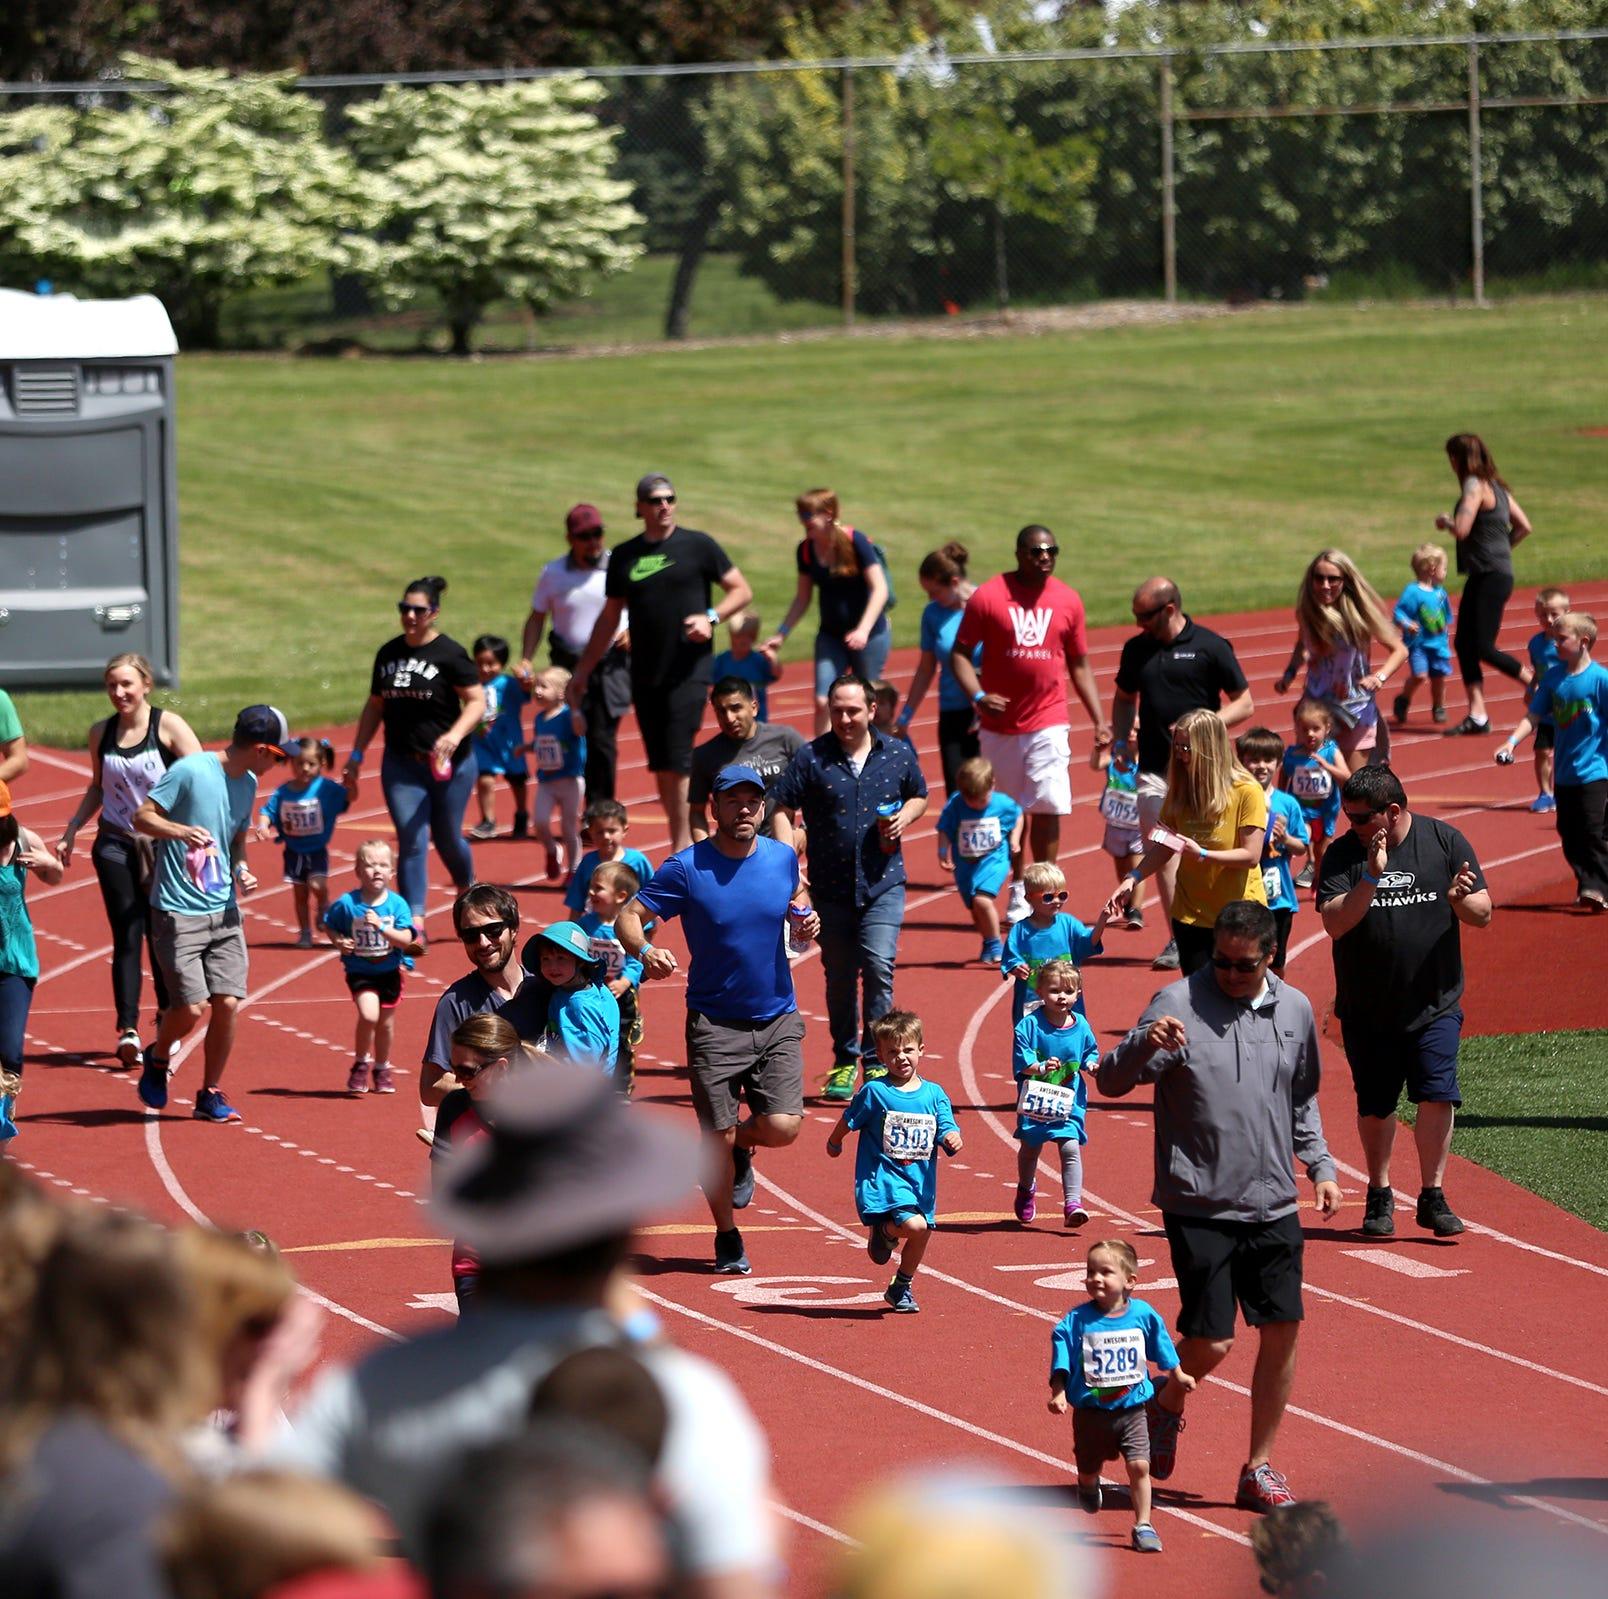 Nearly 3,000 Salem, Keizer kids participate in Awesome 3000 fun run